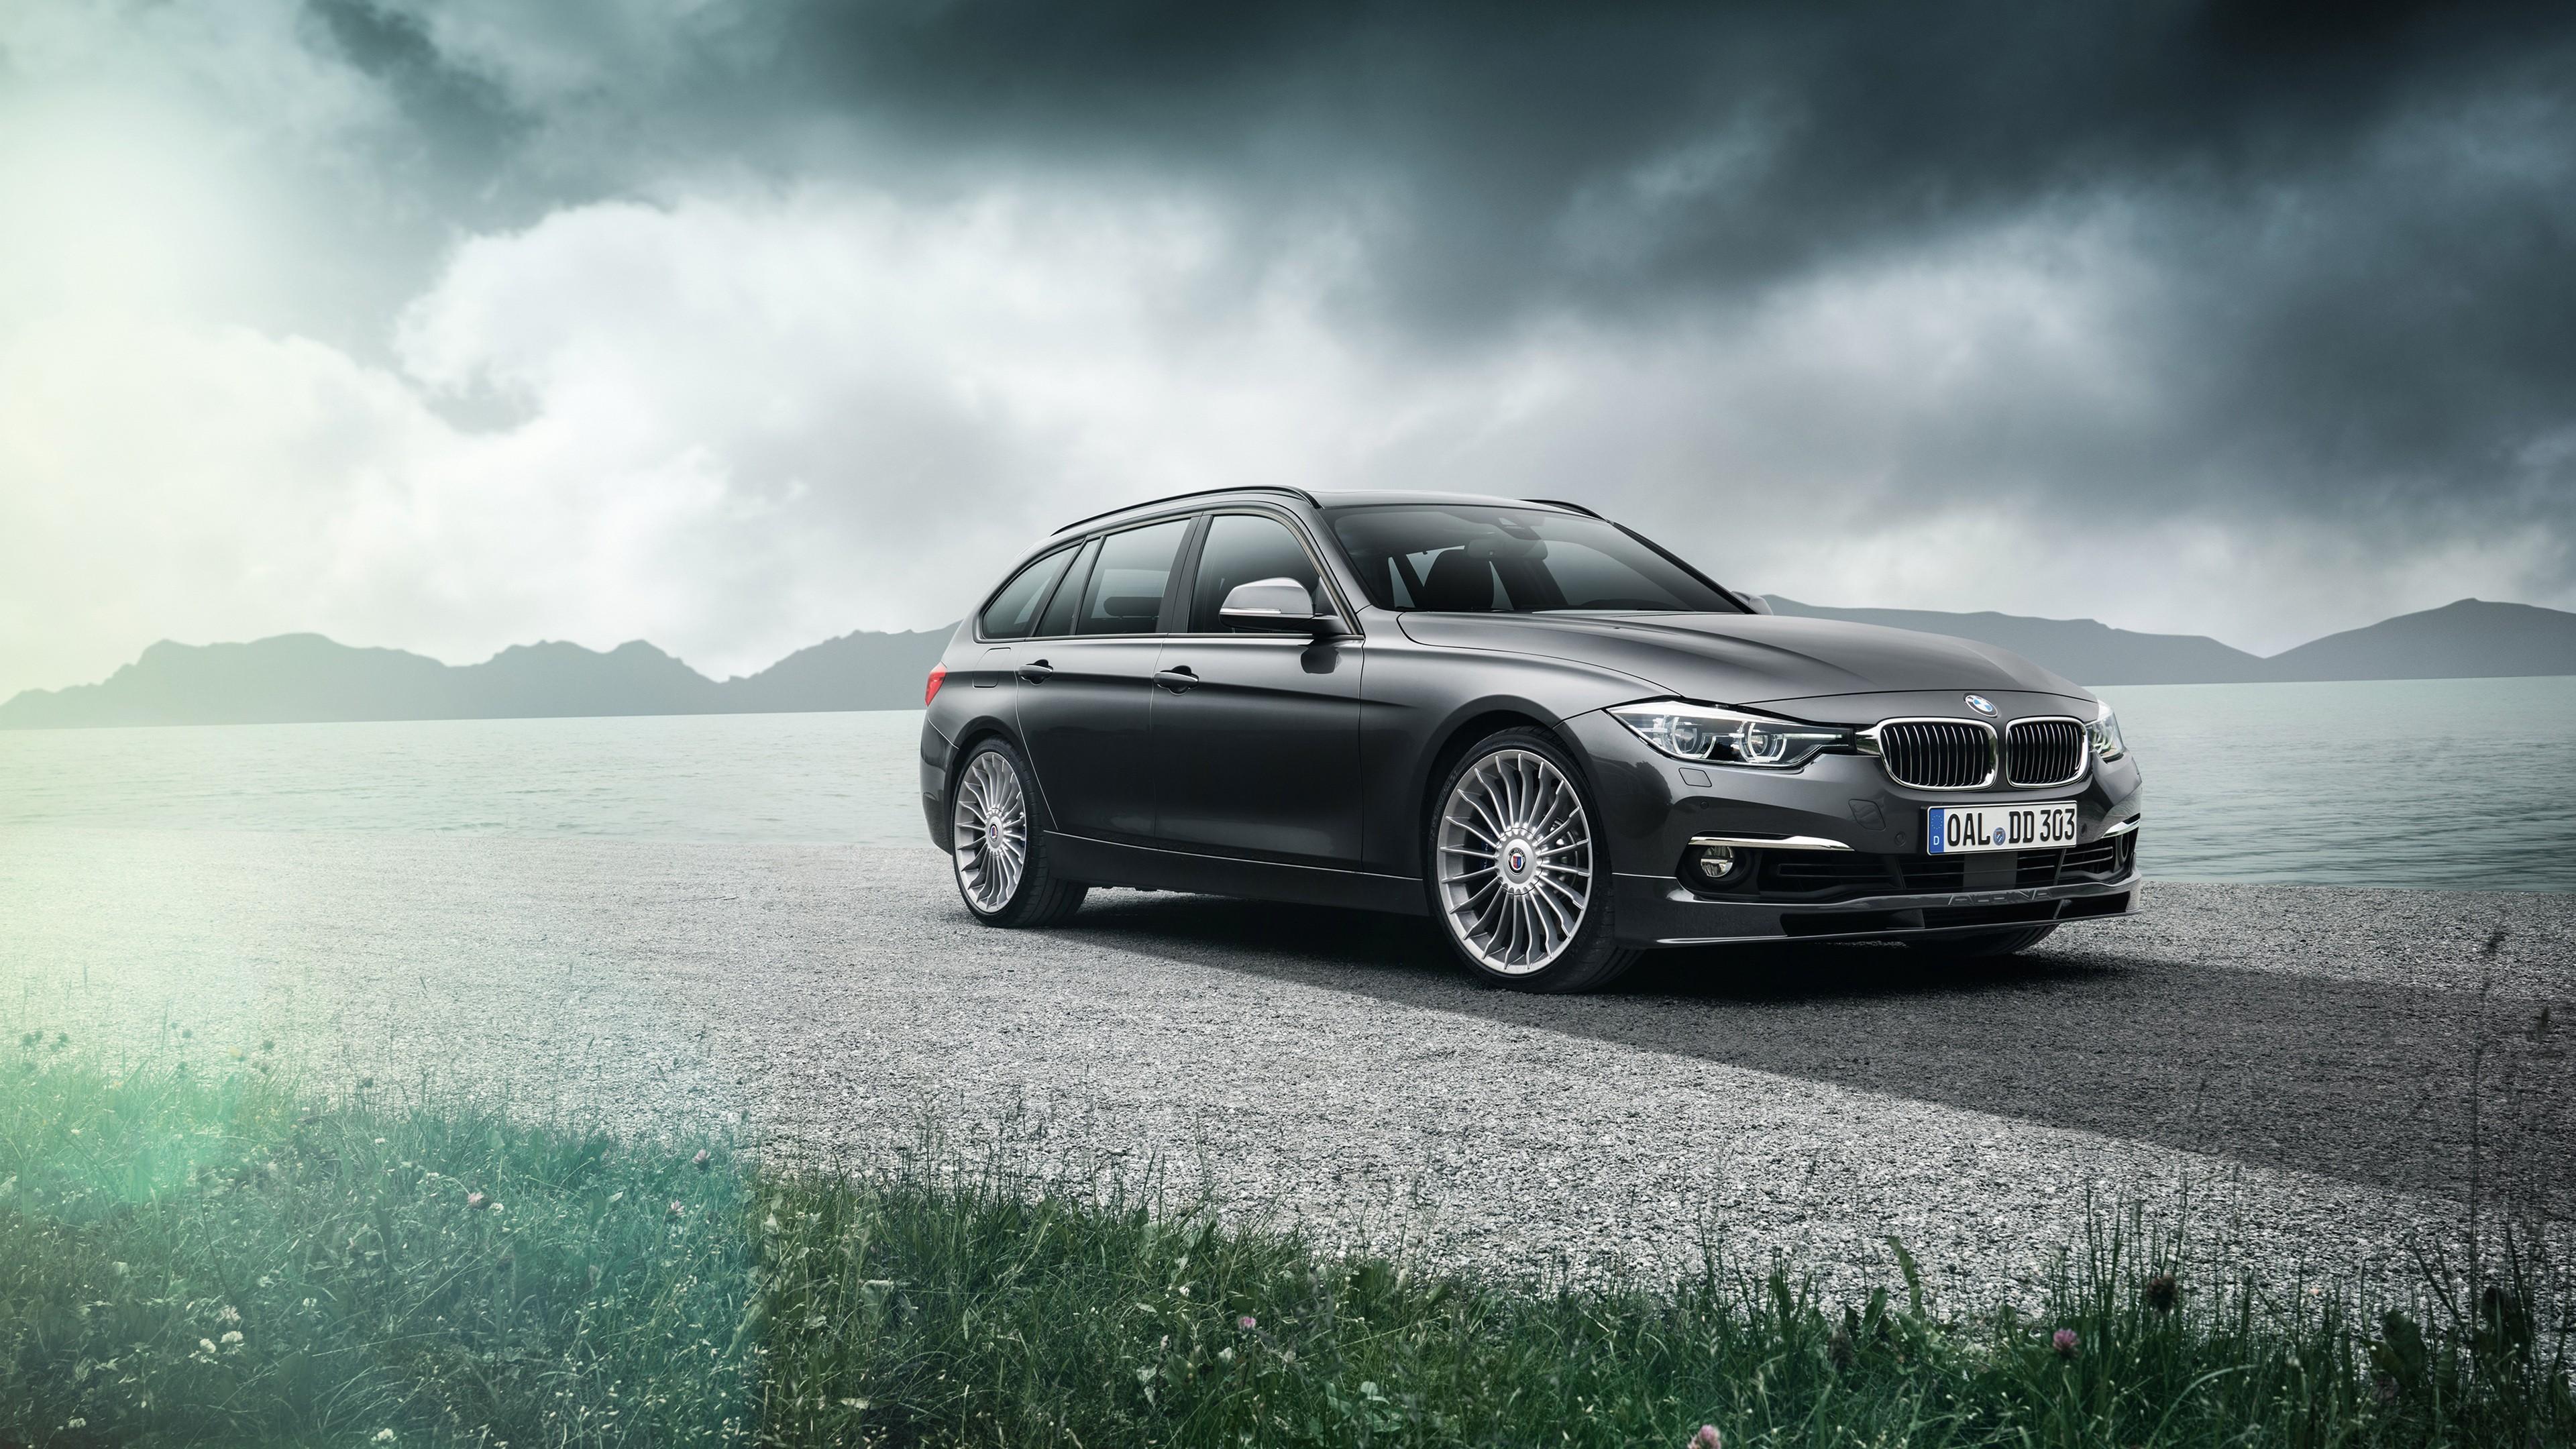 2015 Alpina D3 BMW 3 Series Wallpaper   HD Car Wallpapers ...